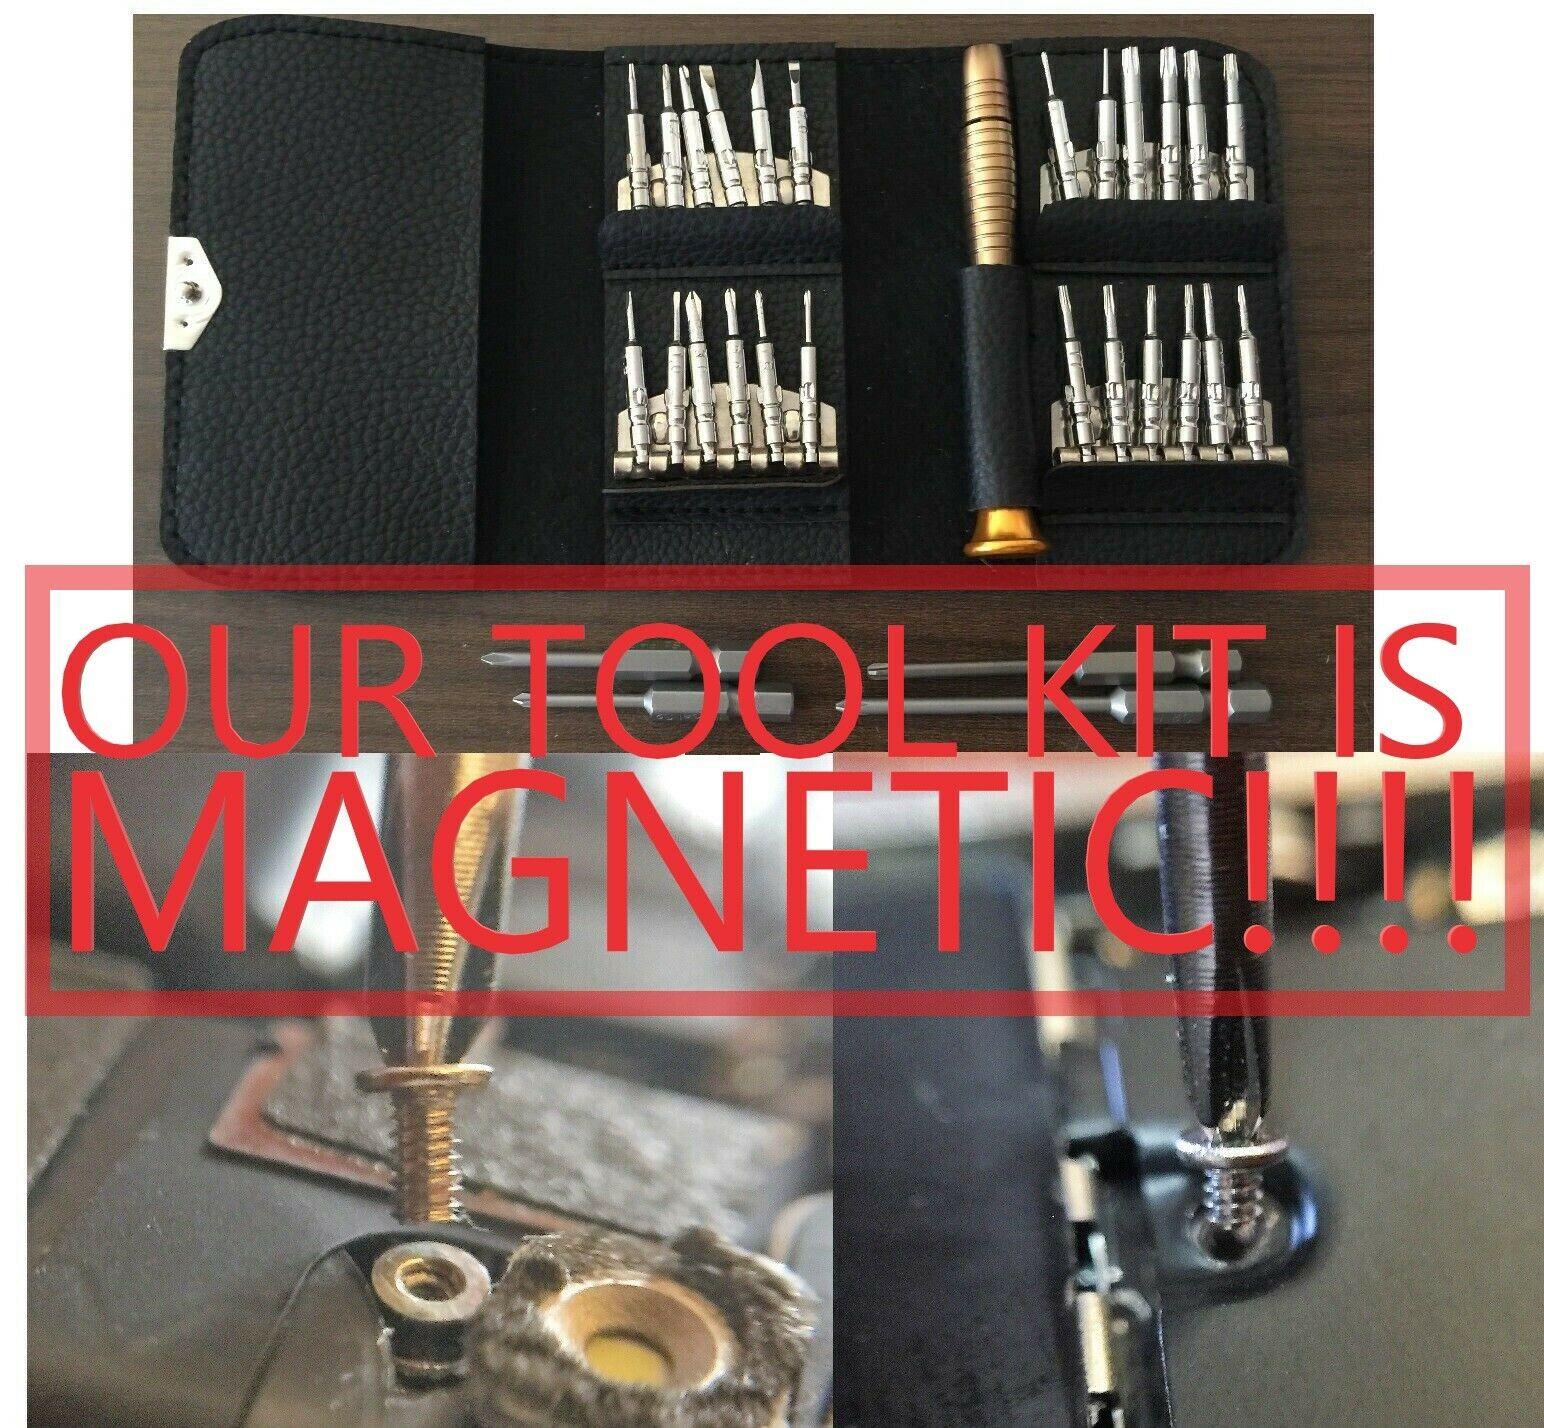 MAGNETIC Macbook Pro Air Repair Screwdriver Tool Kit Smart P